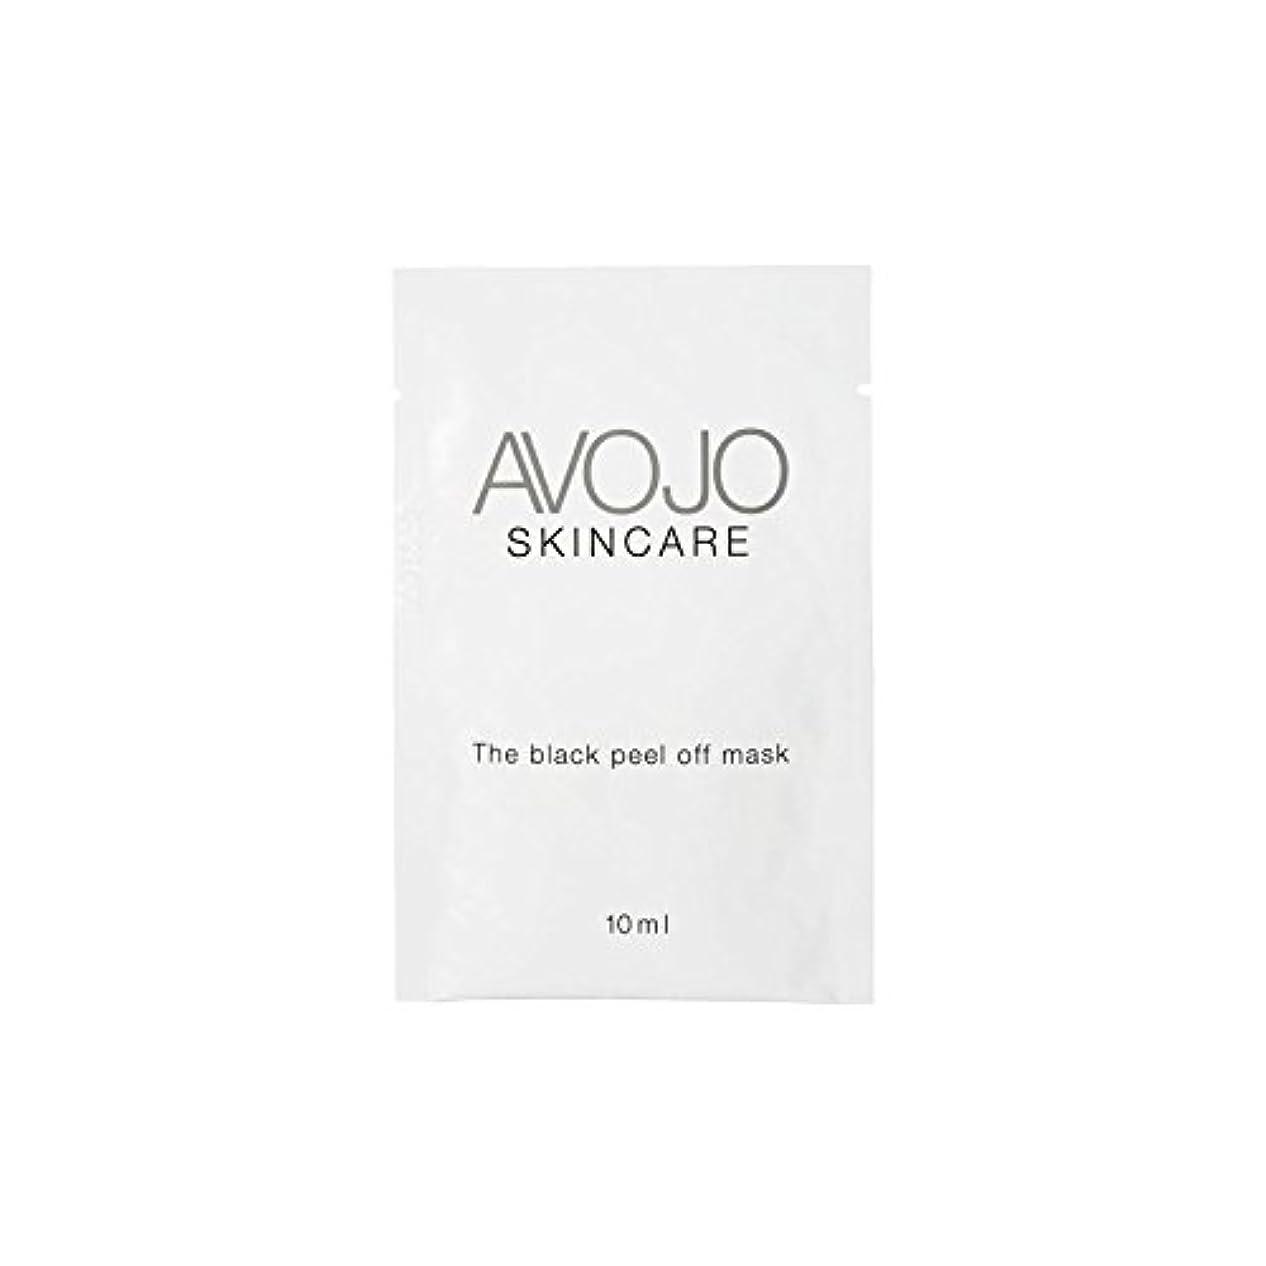 想像力無秩序定義するAvojo - The Black Peel Off Mask - Sachet (10ml X 4) - - ブラックピールオフマスク - 小袋(10ミリリットル×4) [並行輸入品]